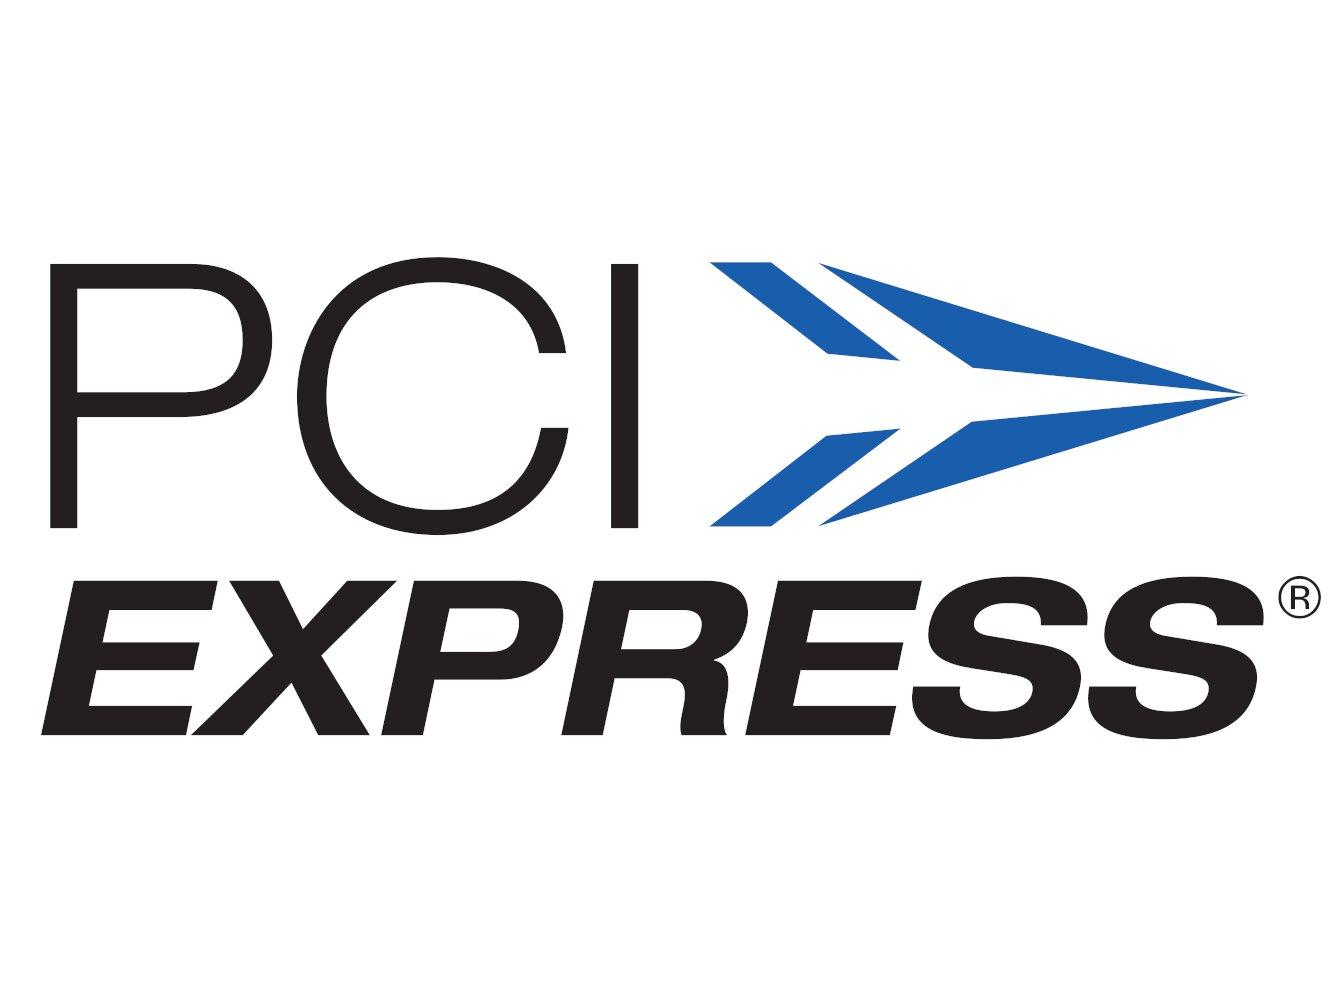 Le PCI Express 5.0 finalisé, jusqu'à 128 Go/s pour un port x16